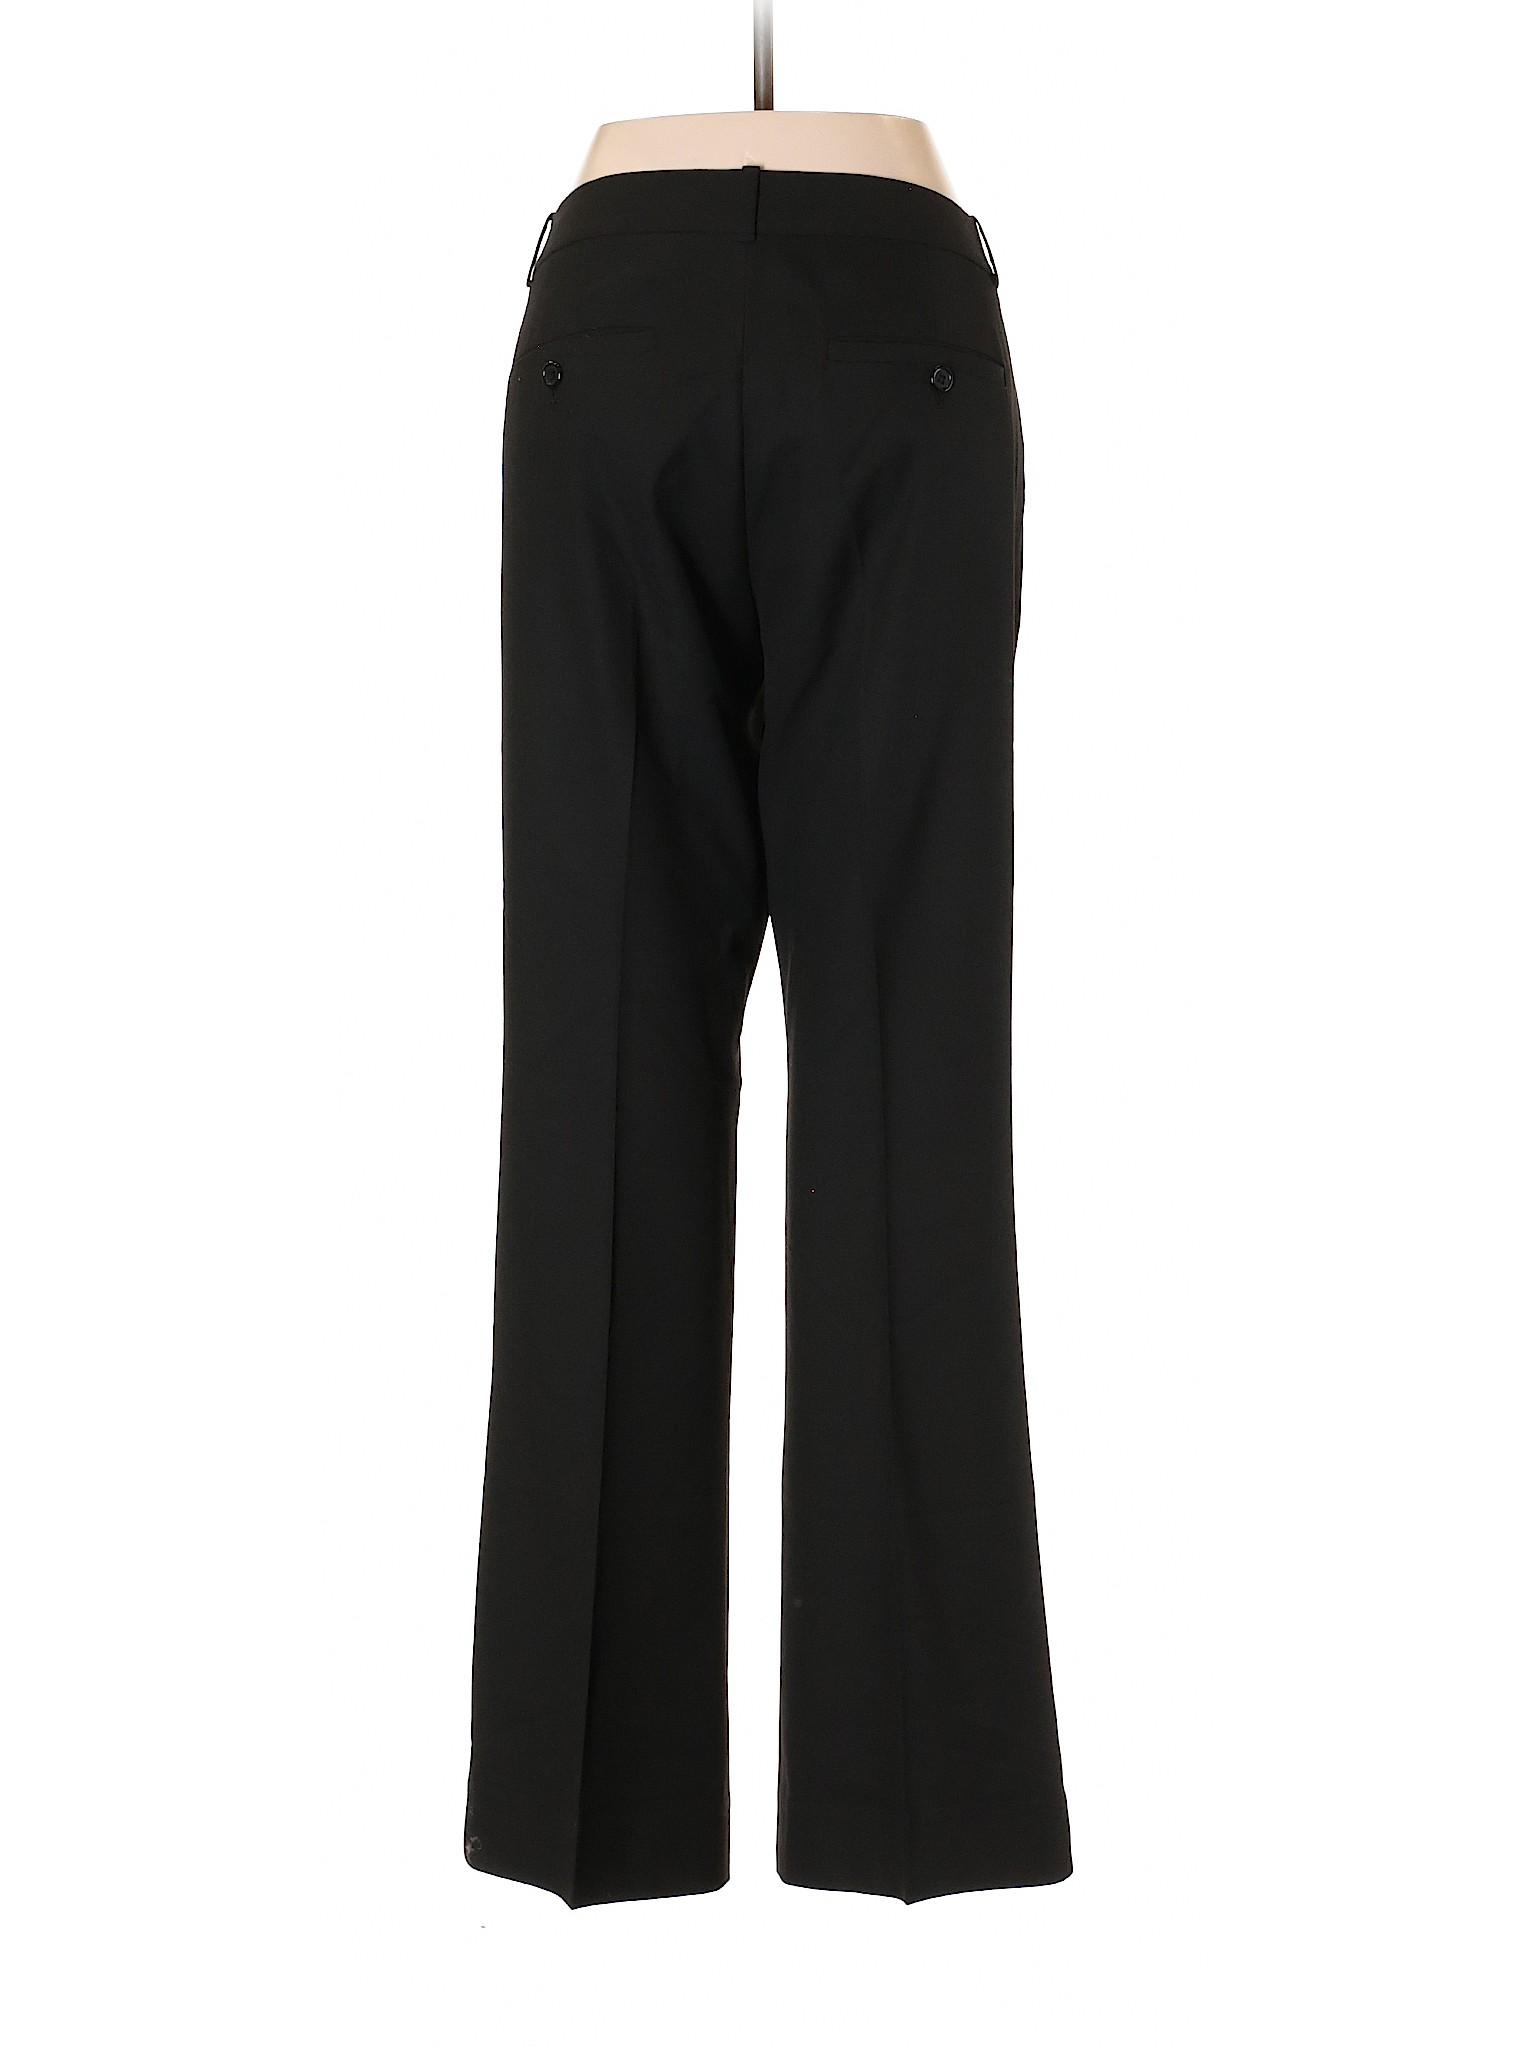 Boutique Limited The winter Pants Dress qTU8fq